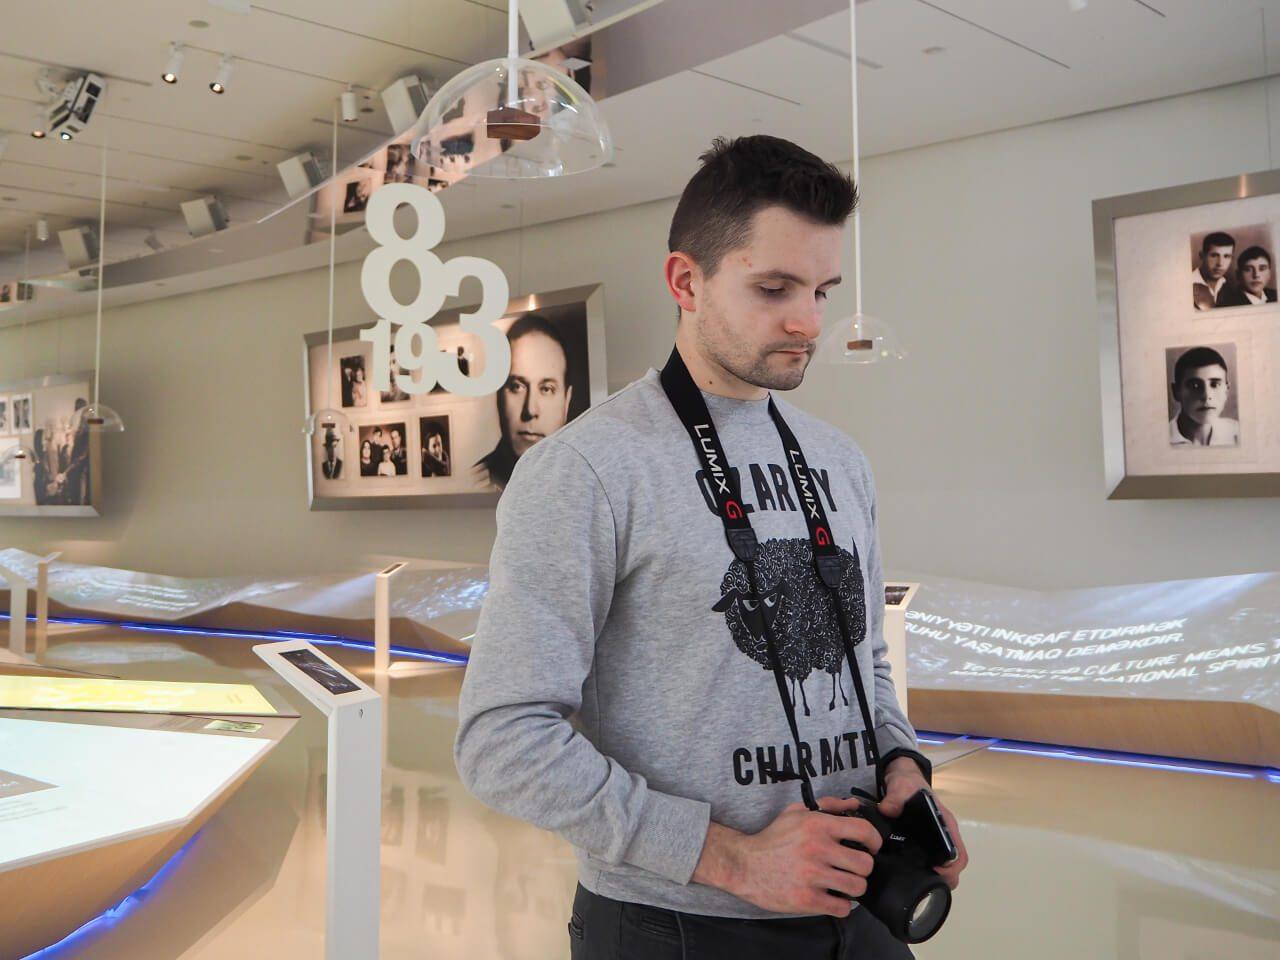 Zwiedzanie Muzeum tanie podróżowanie blog podróżniczy